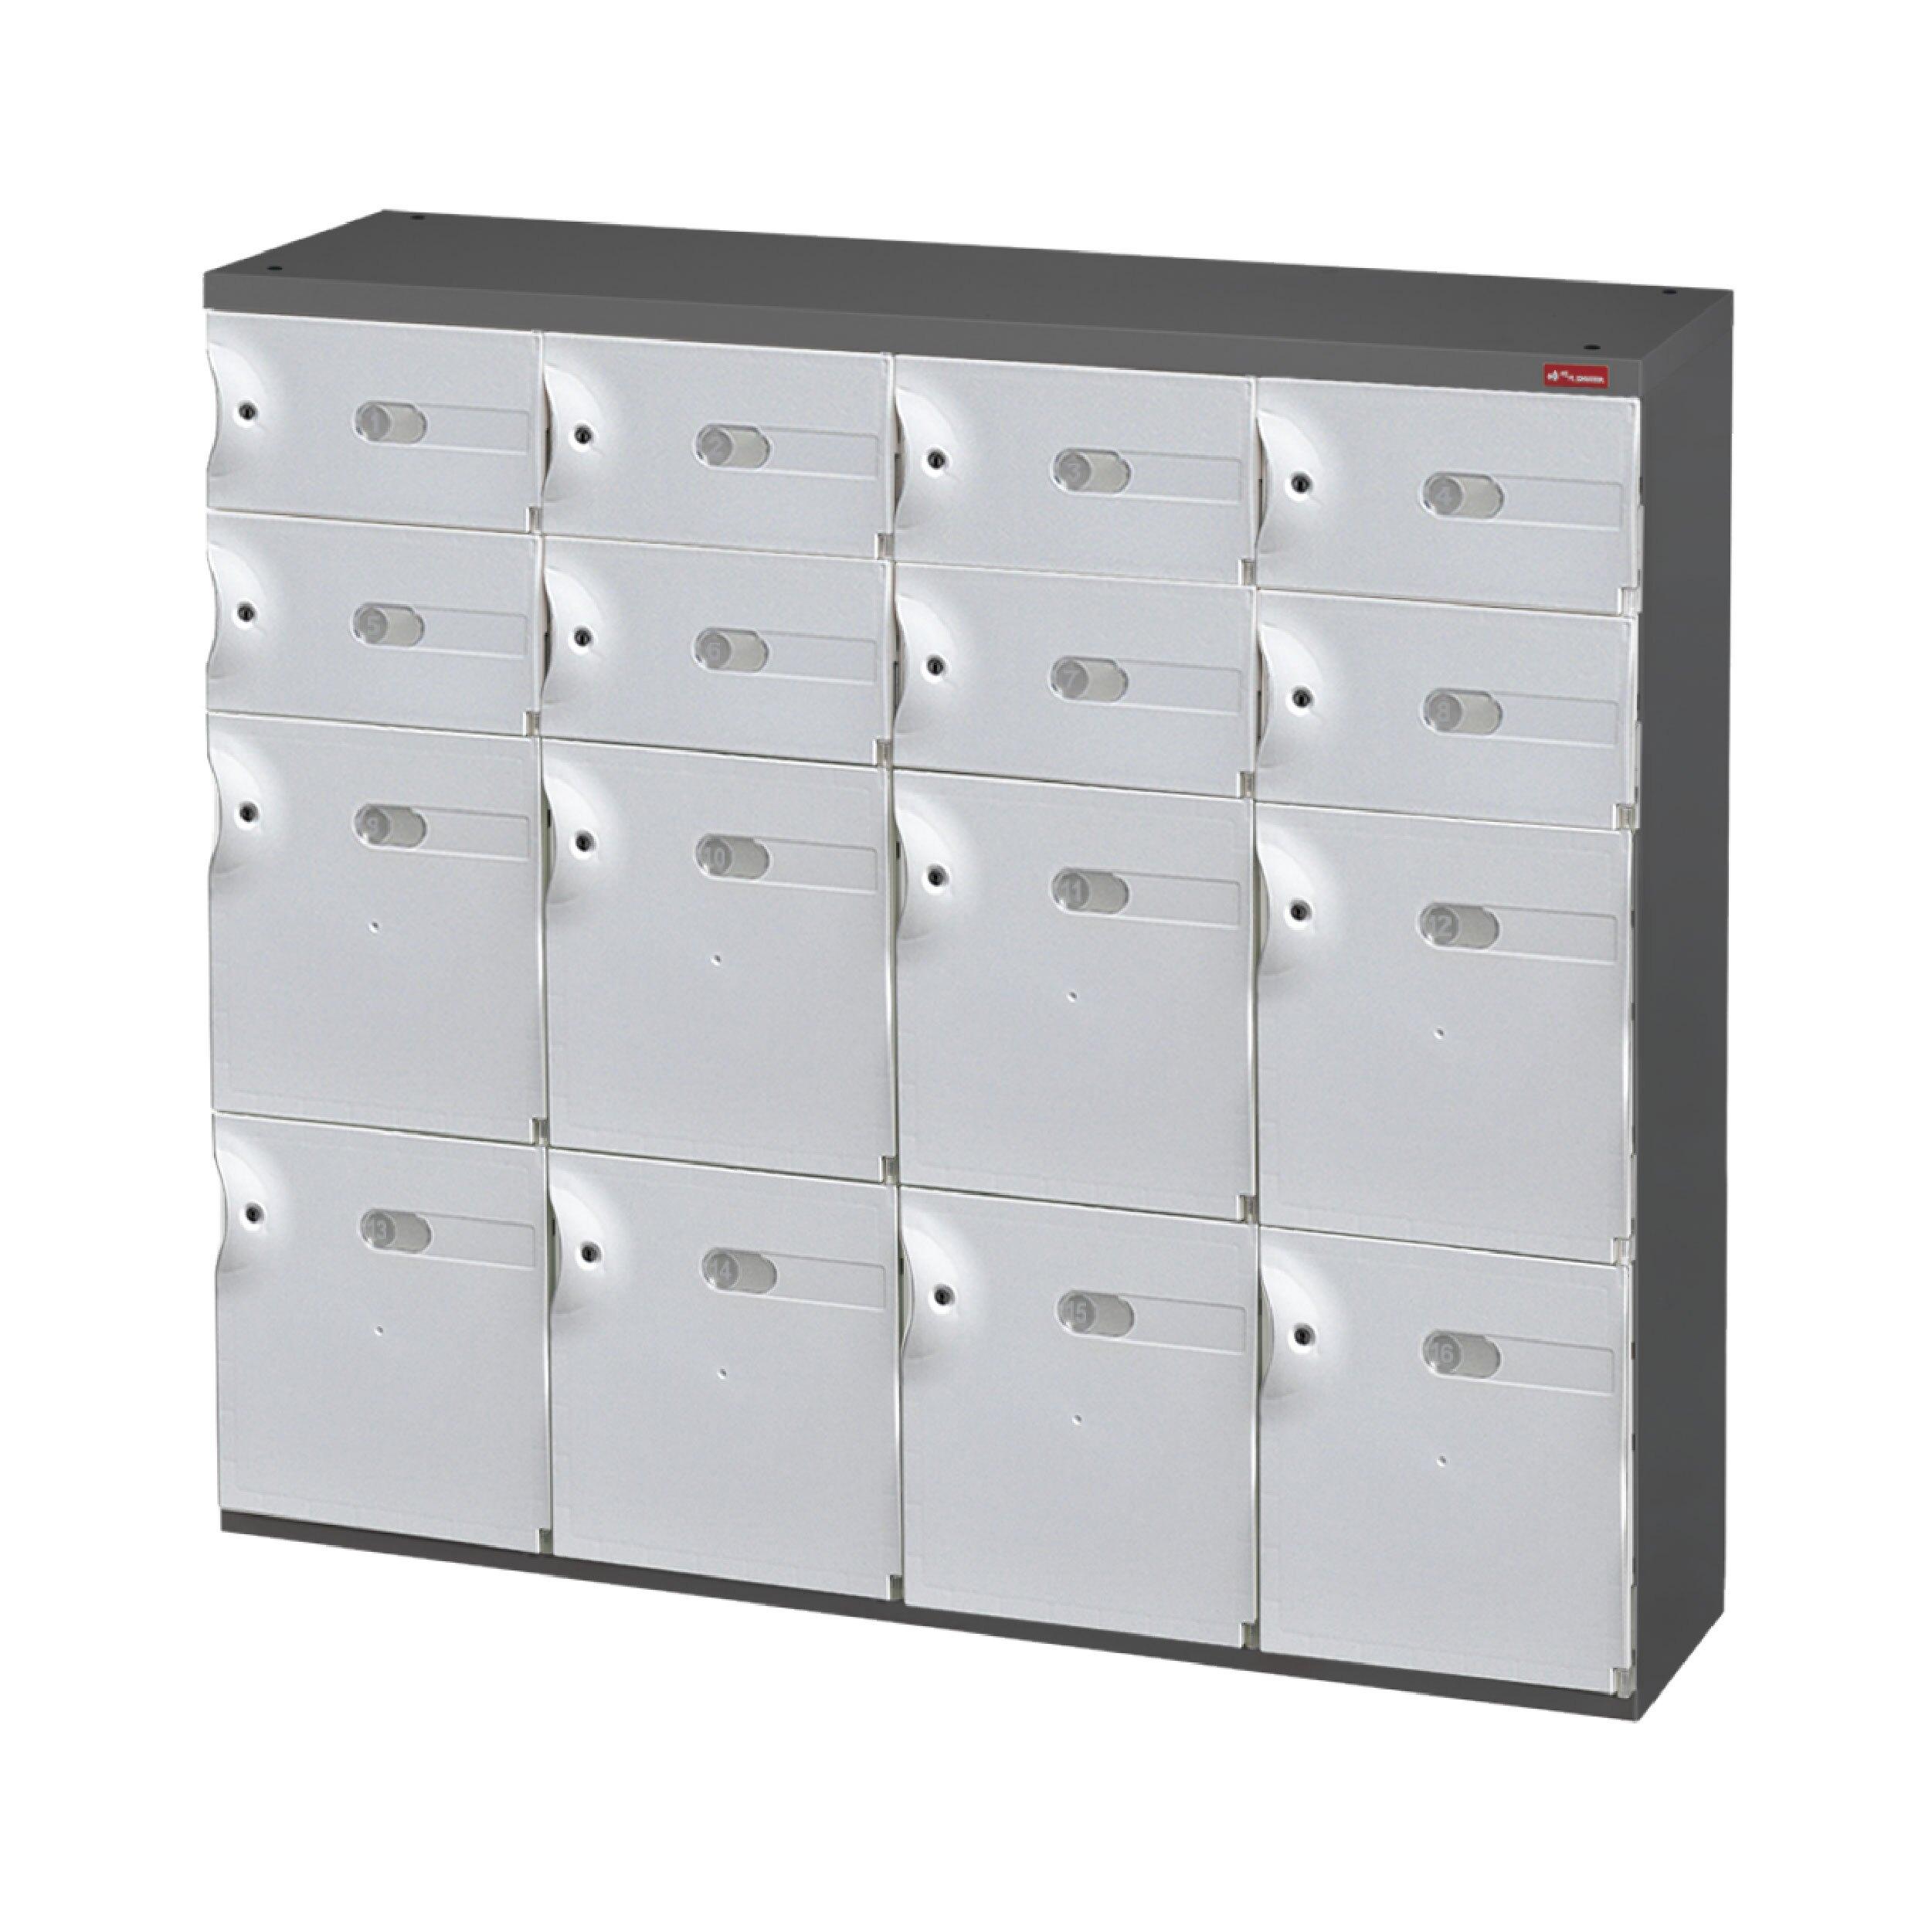 西瓜籽 樹德  SCM4-8M8S SC風格置物櫃/臭氧科技鞋櫃 整理櫃 書櫃 保管櫃 整理櫃 收納櫃